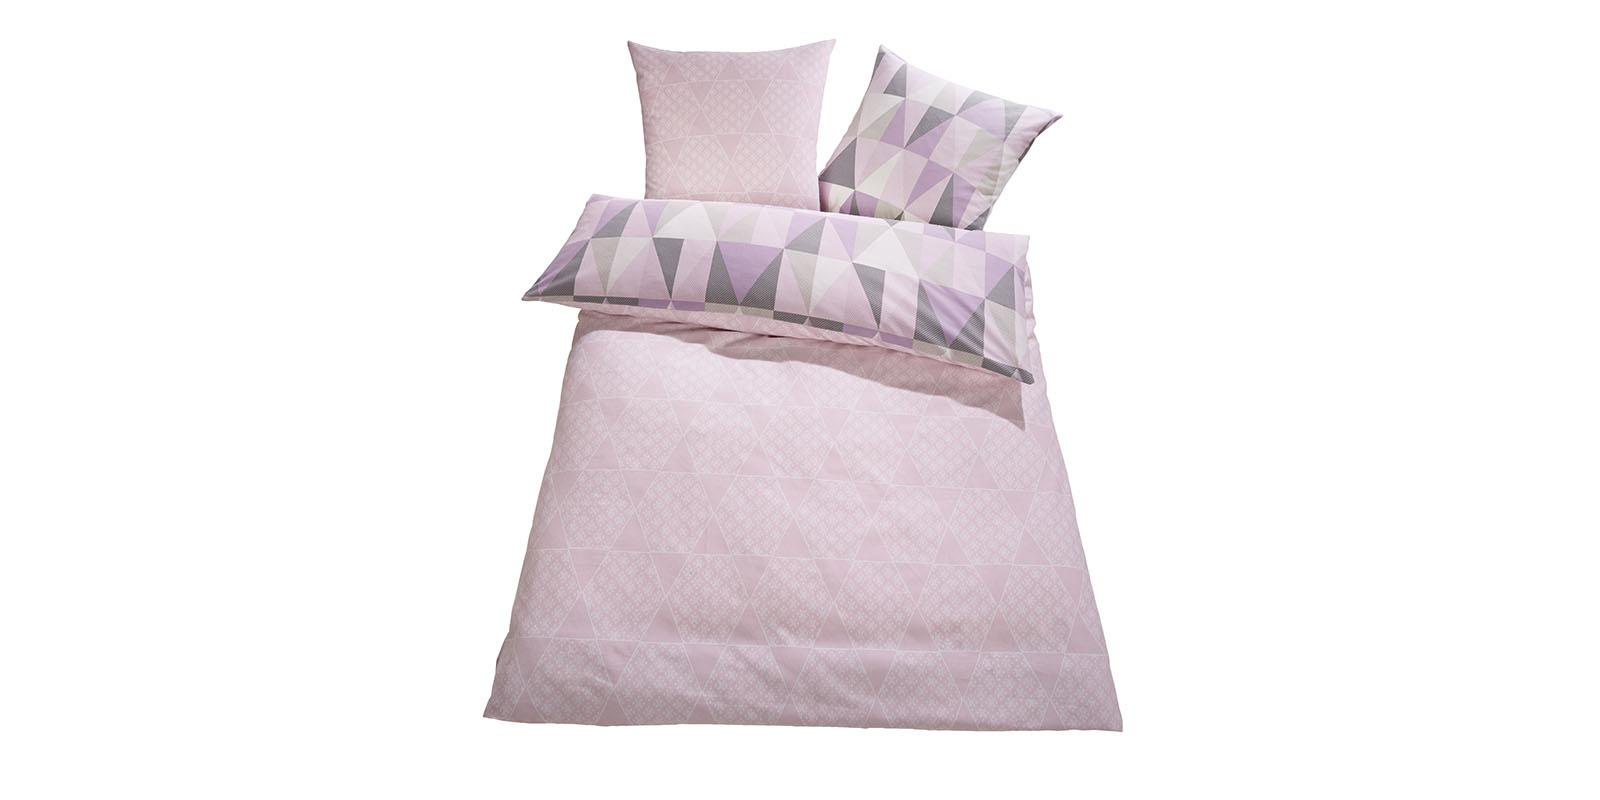 bettw sche wende feinbiber 200x220 anthrazit flieder bett bettw sche ean750 ebay. Black Bedroom Furniture Sets. Home Design Ideas